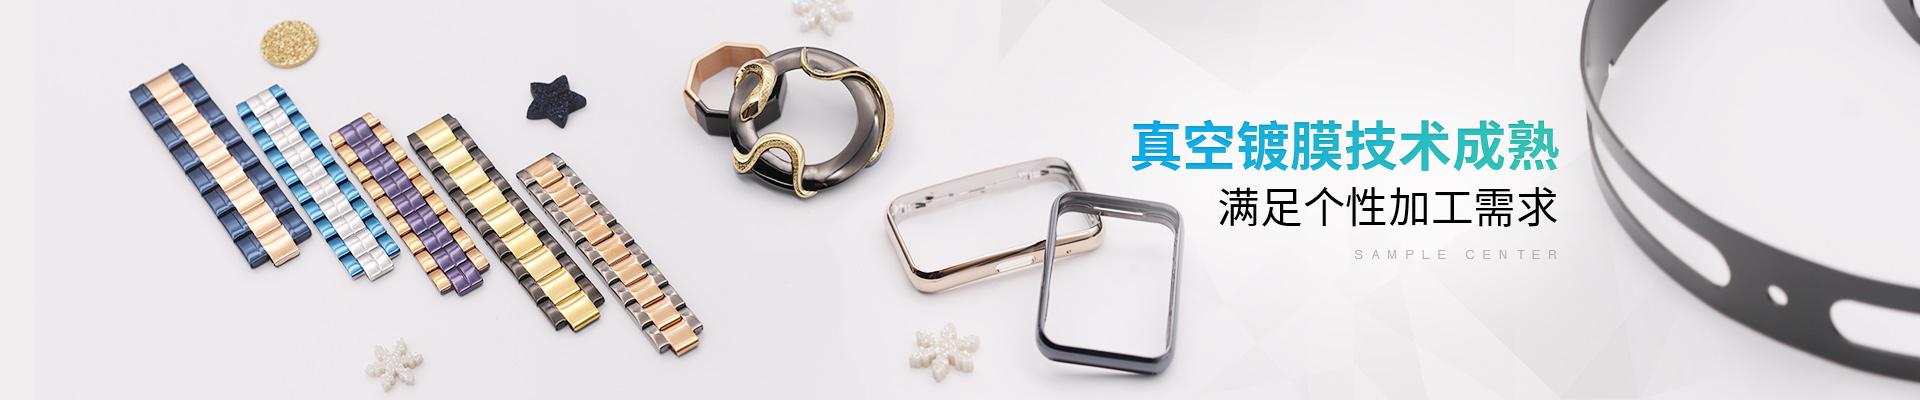 深圳森丰:真空镀膜技术成熟,满足个性加工需求